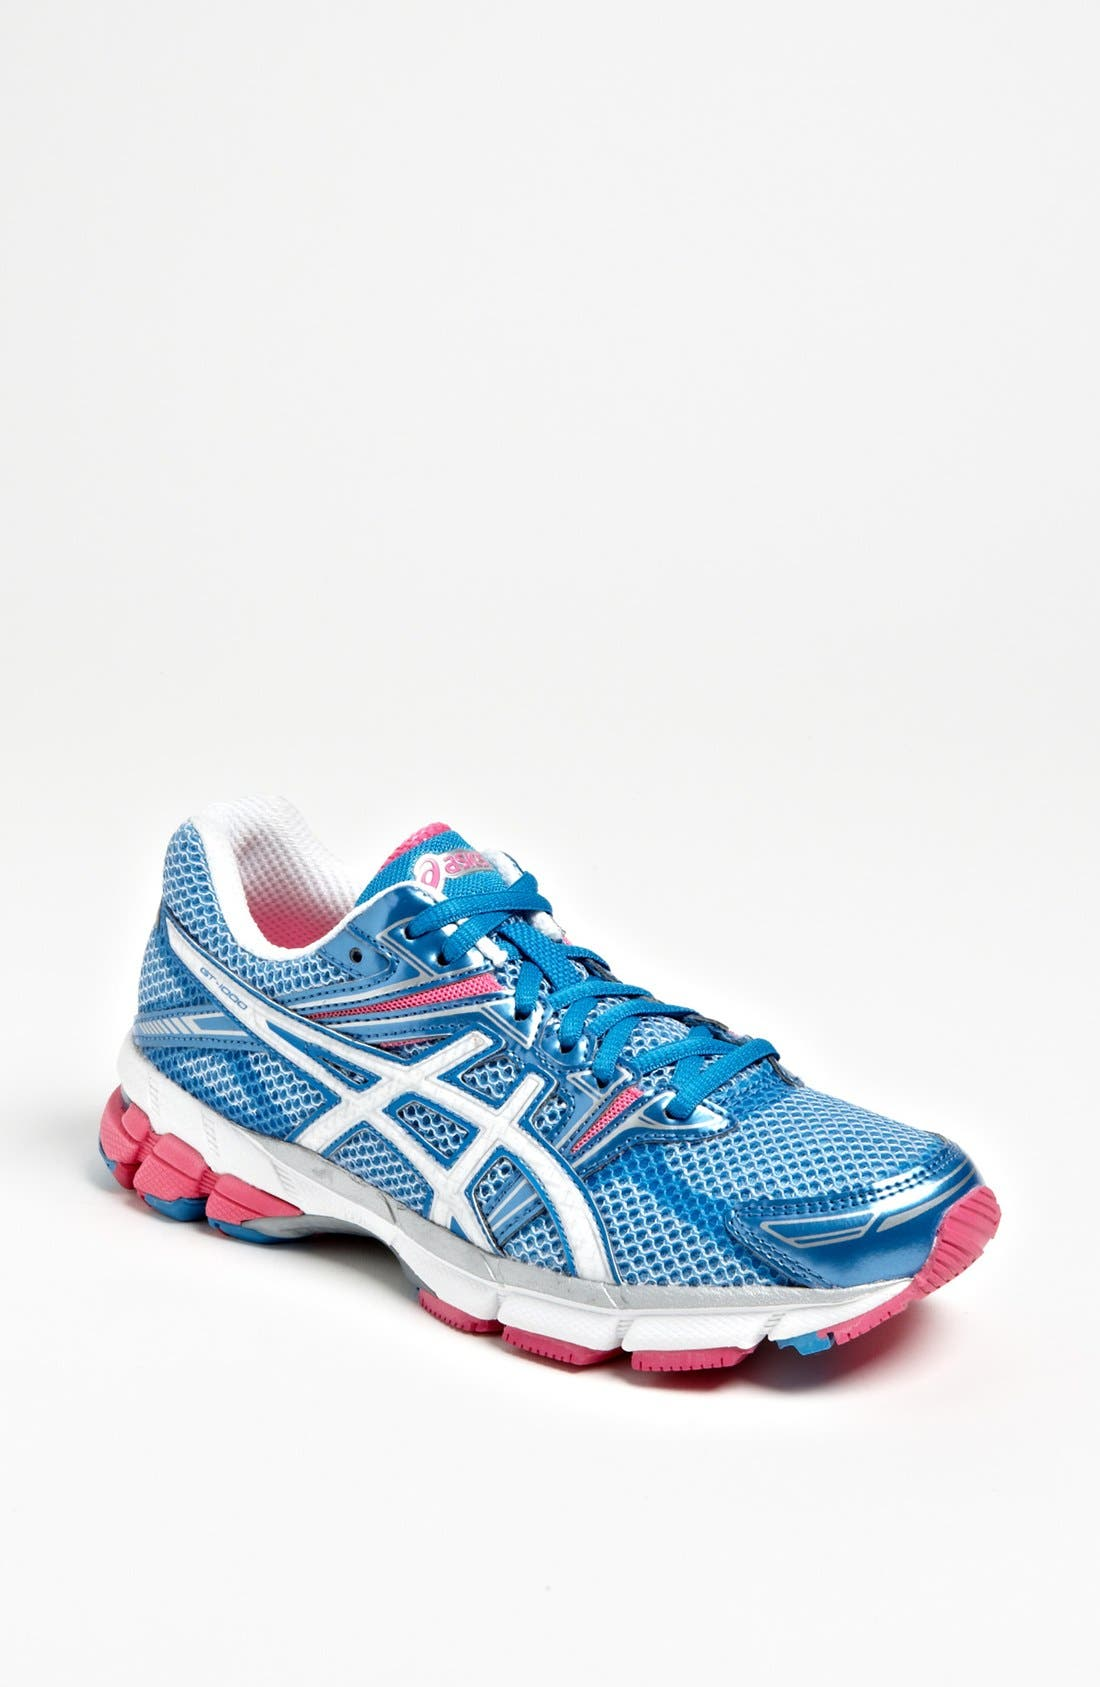 Alternate Image 1 Selected - ASICS® 'GT-1000™' Running Shoe (Women)